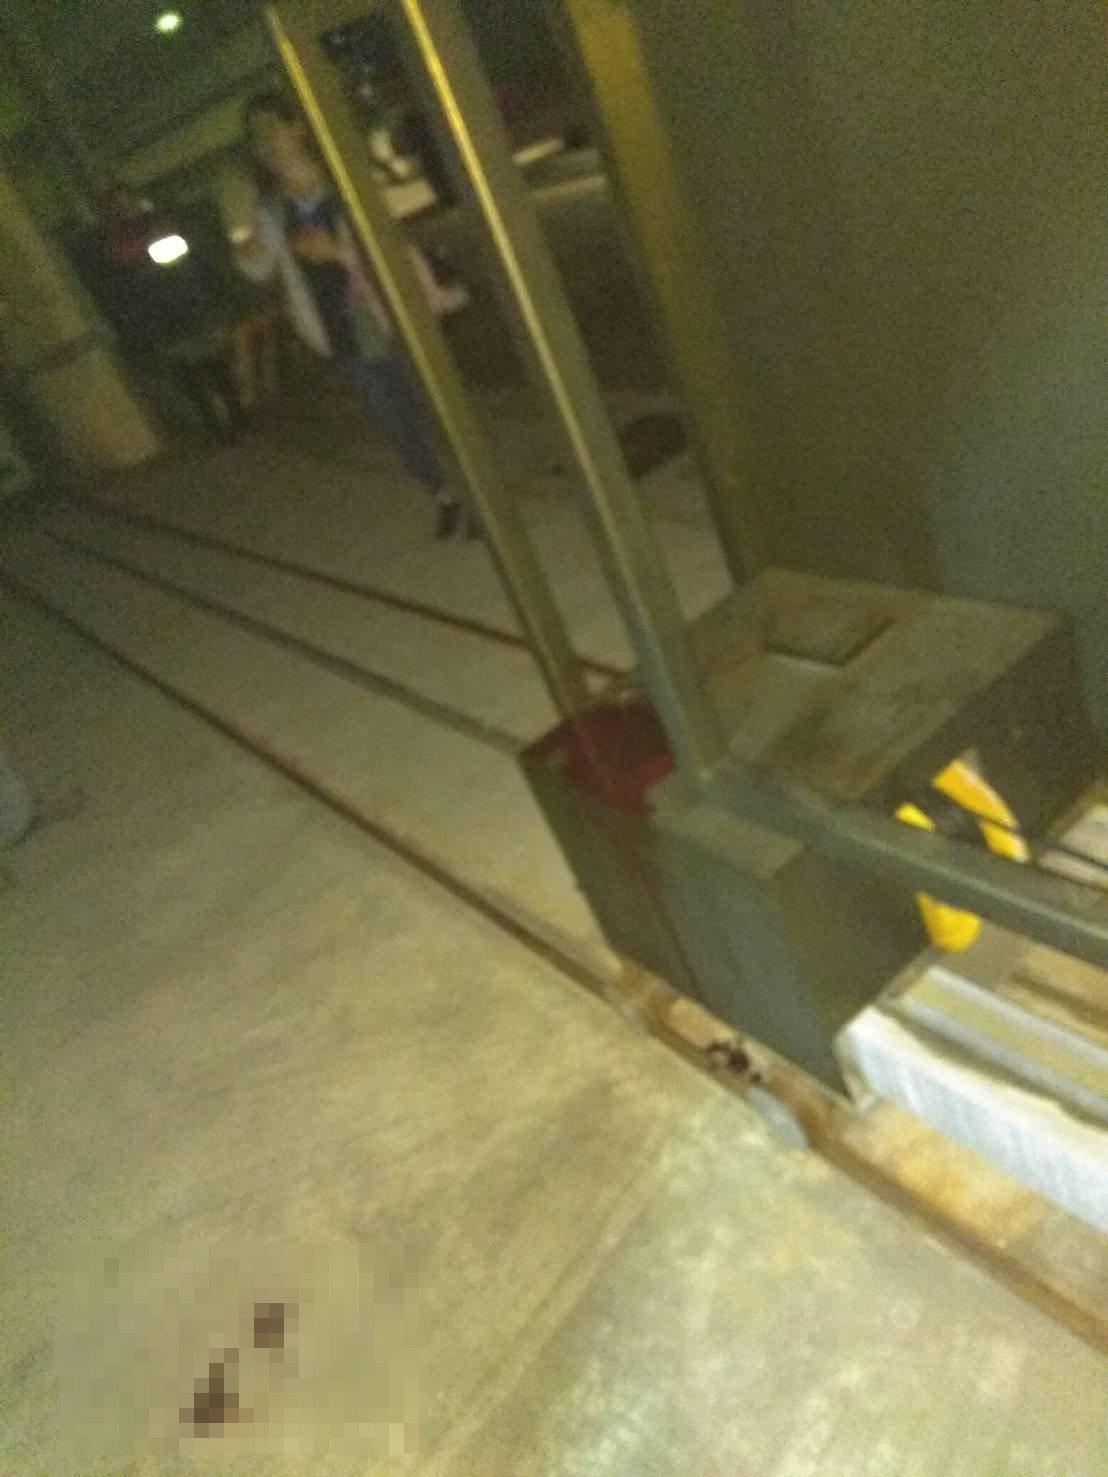 苗栗縣竹南鎮公館里一間鐵工廠傍晚發現一名男子遭電動拉門夾傷,救護人員到場時發現傷...